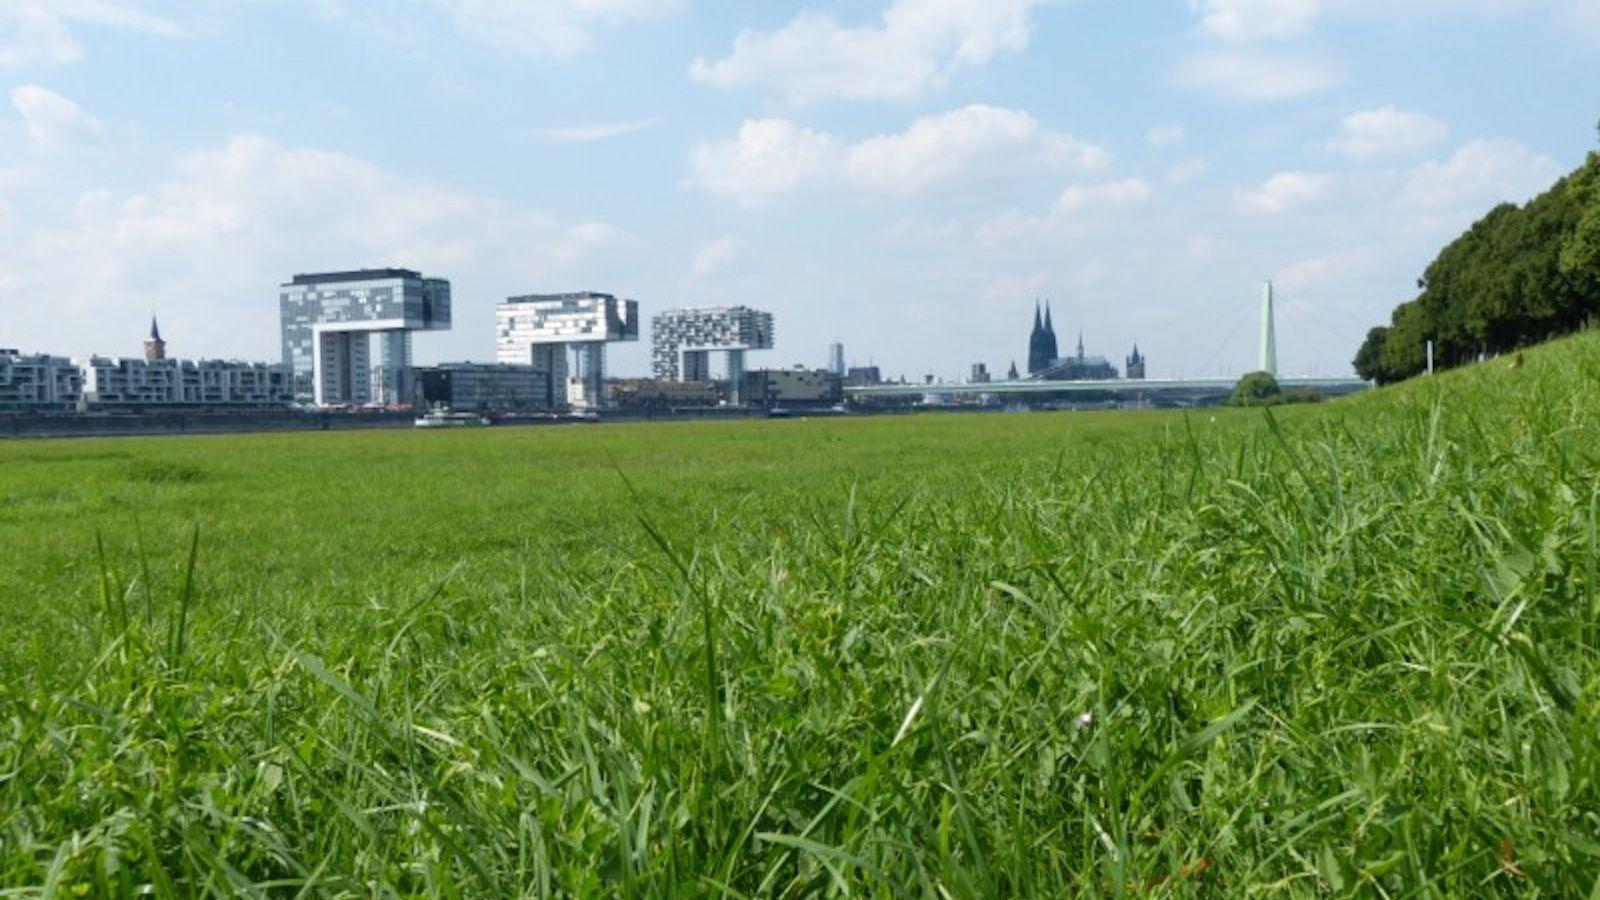 Kölntipp: Die 8 schönsten Grünflächen in Köln